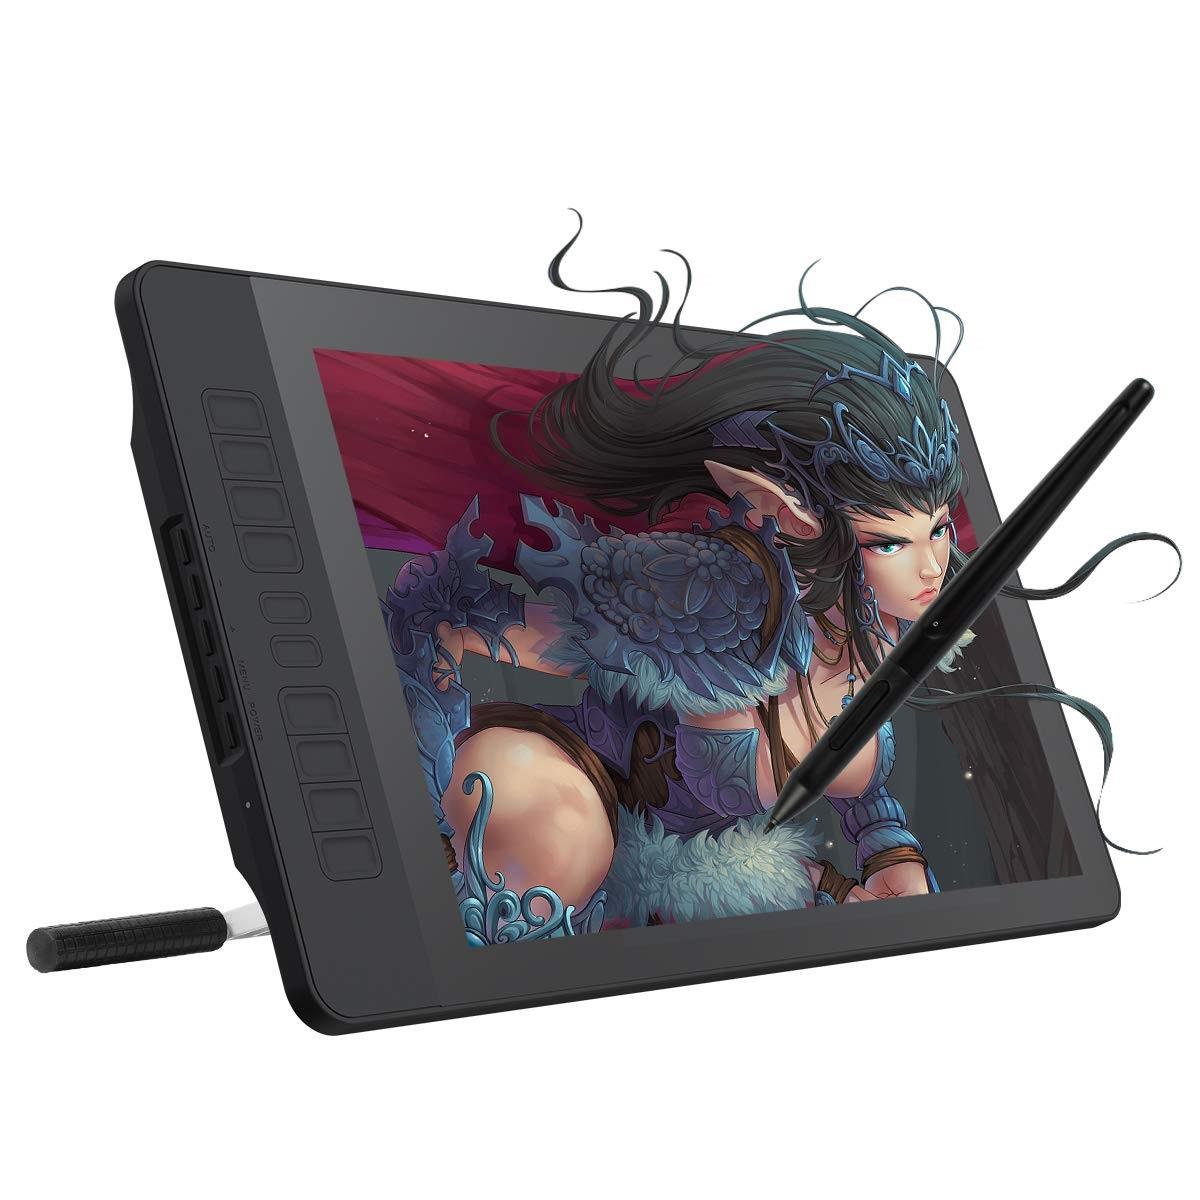 【送料無料】GAOMON 15.6インチIPS HD液晶ペンタブ 10個ショートカットキー 8192筆圧ワイヤレス充電式ペンとスタンド付き ペンディスプレイPD1560